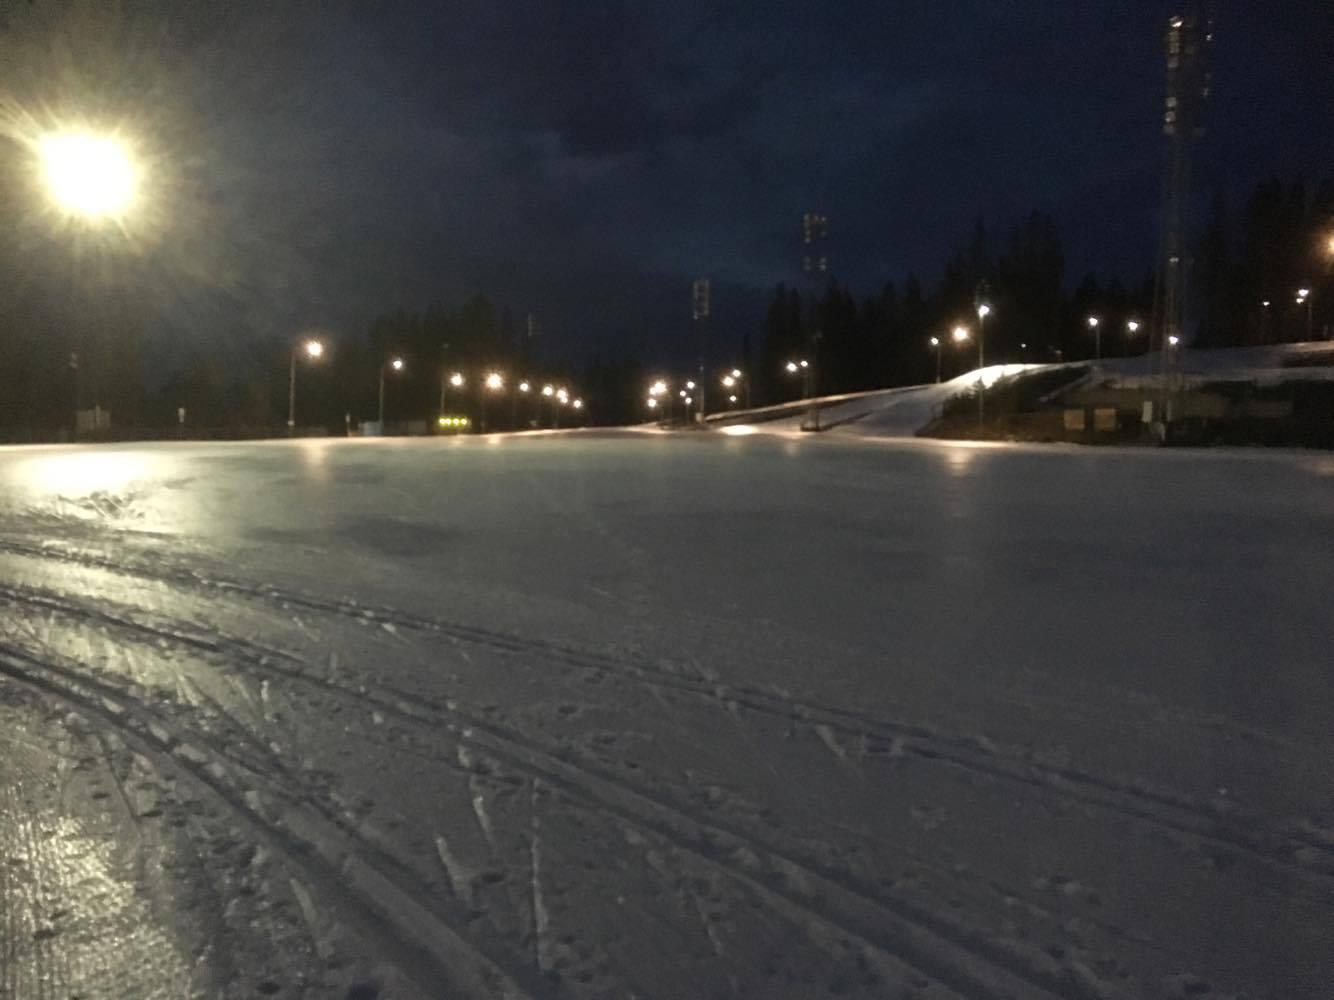 Östersunds skid/bandystation?